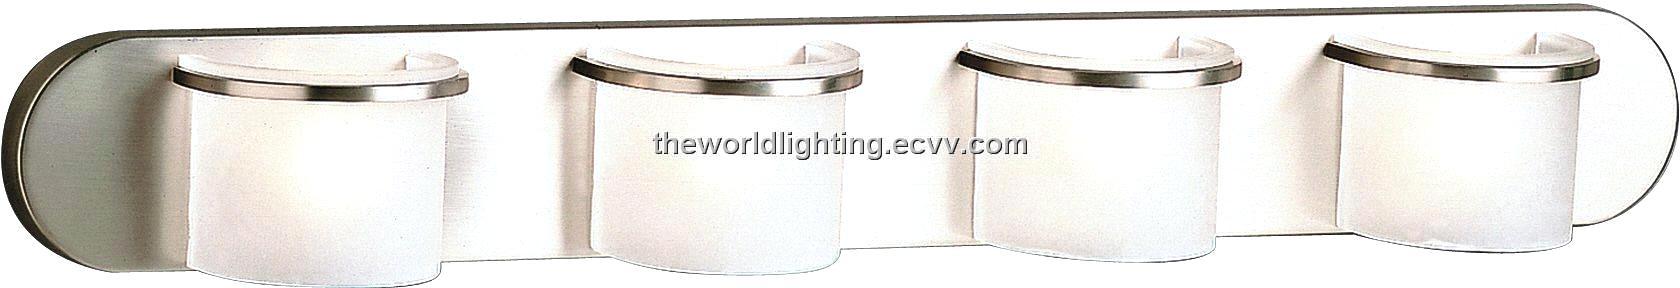 Bathroom Vanity Led Light Bulbs led light bulbs bathroom vanity - pueblosinfronteras